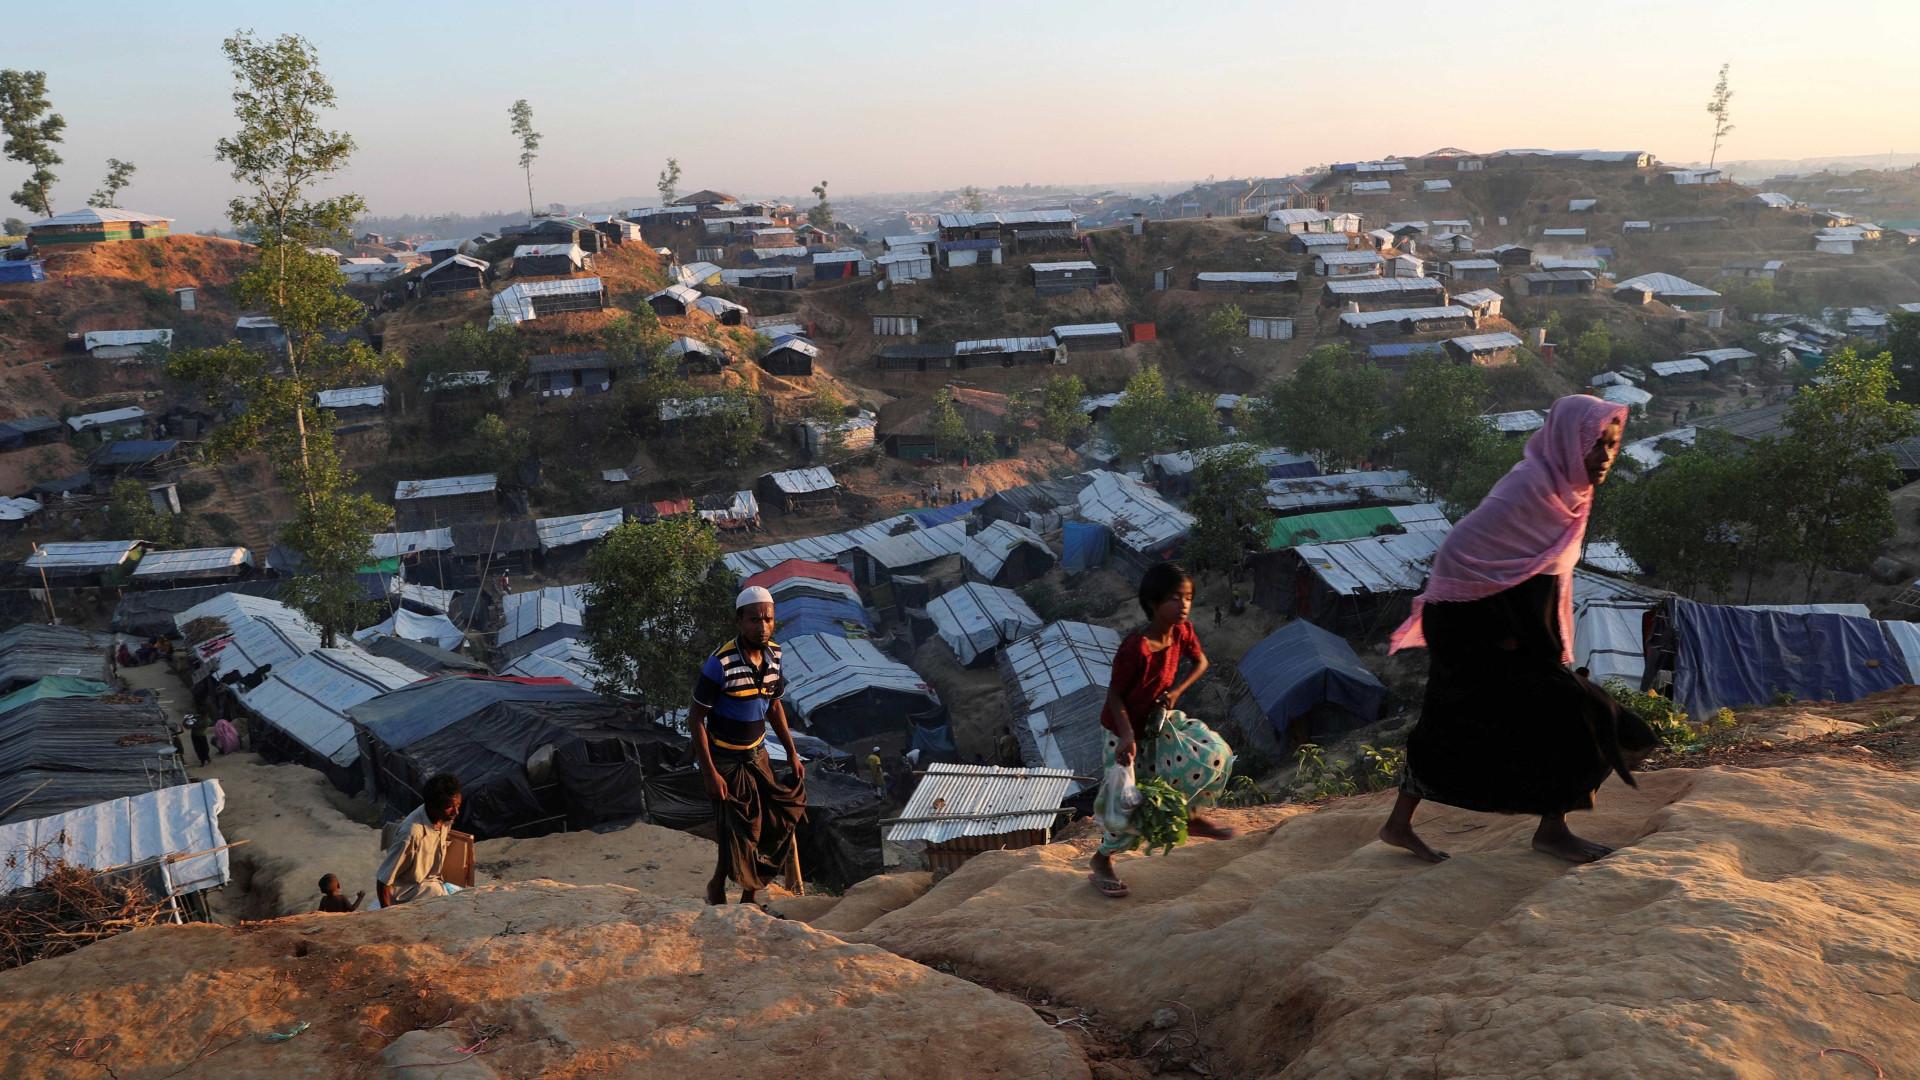 Dois mil rohingyas aguardam em acampamento para entrar no Bangladesh